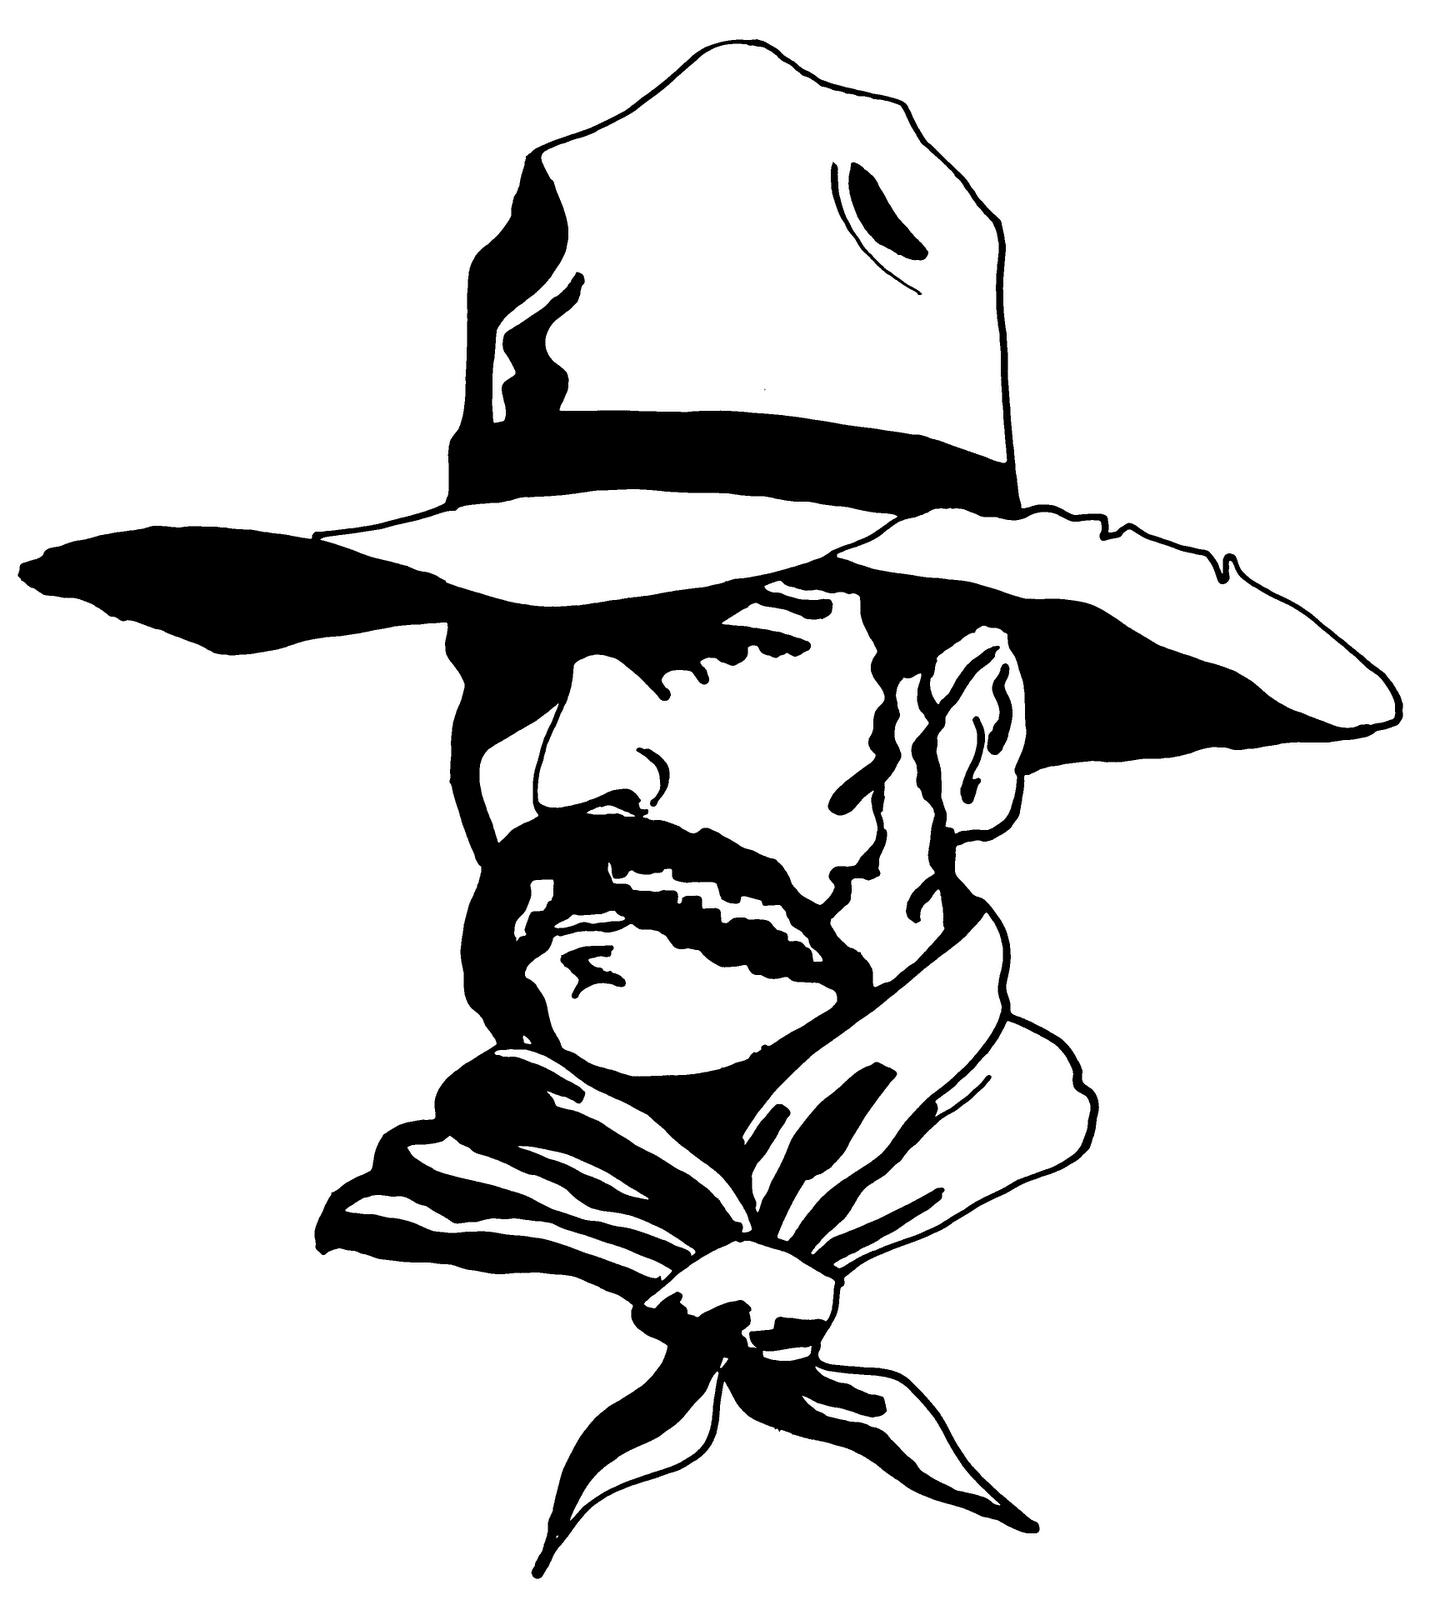 Western Movie Stills Clipart Black And White Western Clip Art Black And White Abstract